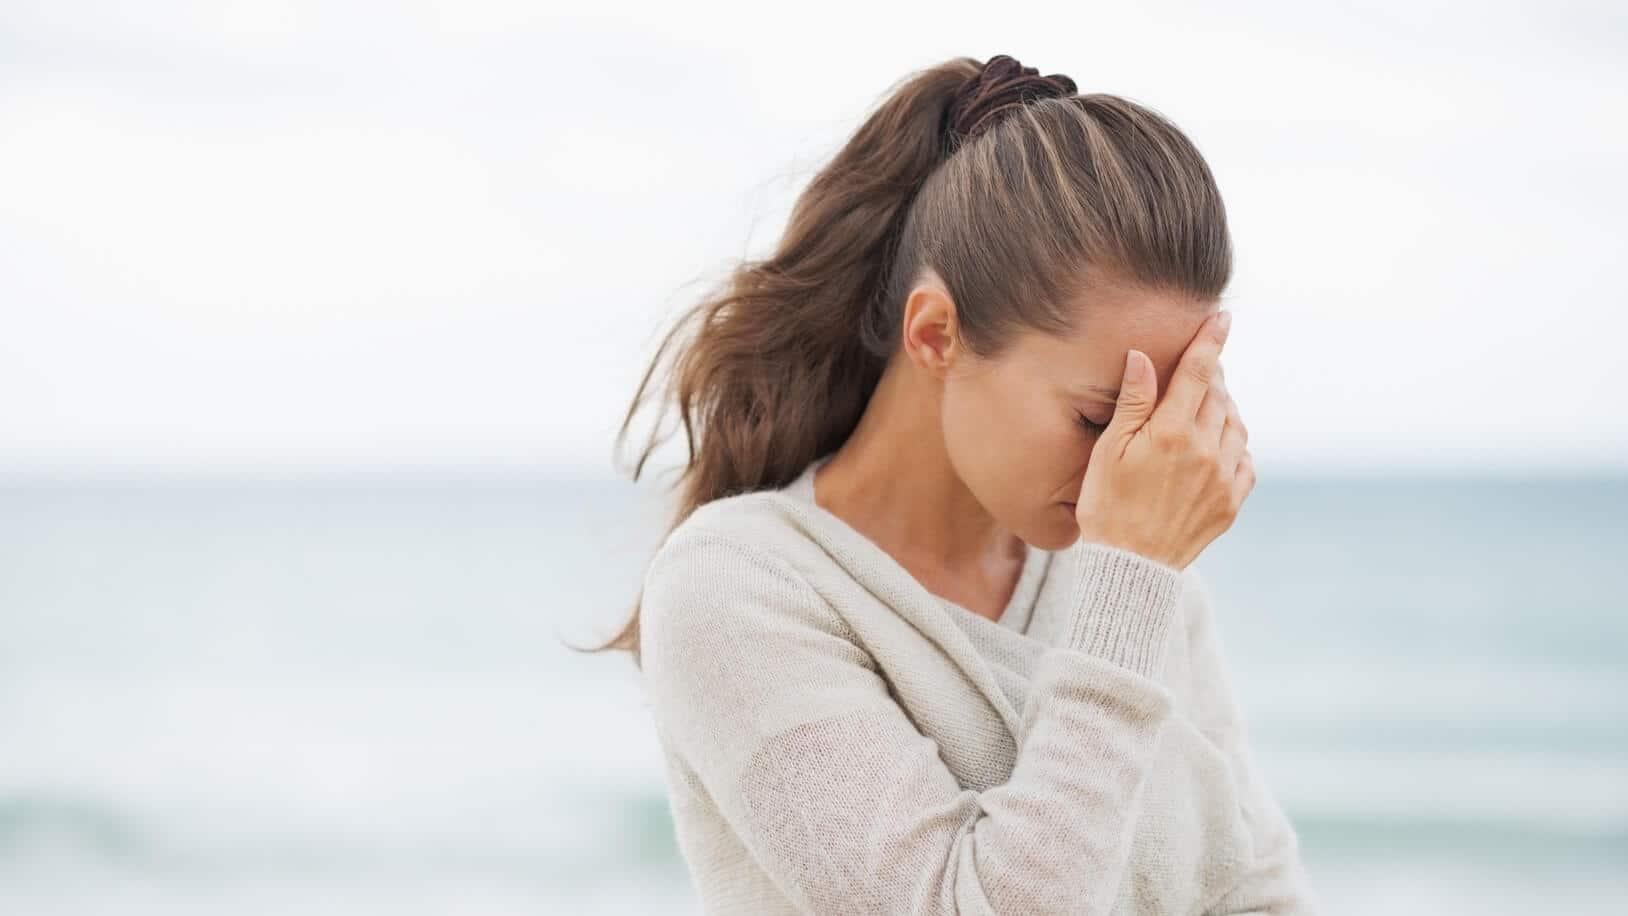 Αποτέλεσμα εικόνας για food for depression and stress